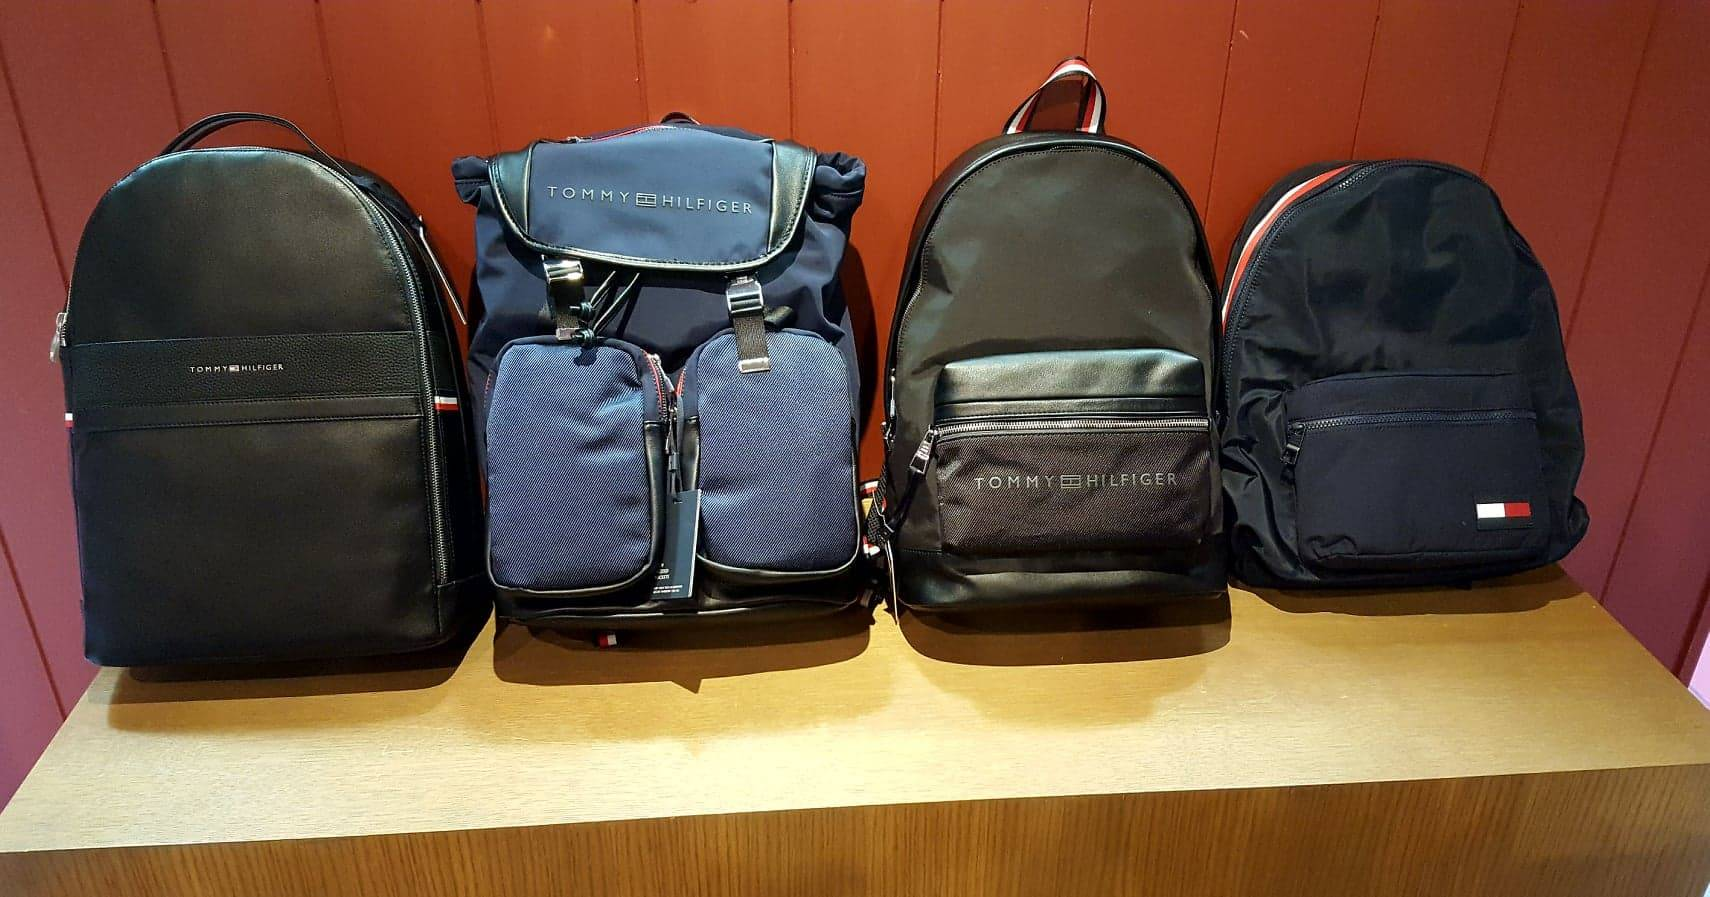 Nouvelle collection d accessoires Tommy Hilfiger chez Jeans Center à ... 74f81a2e681